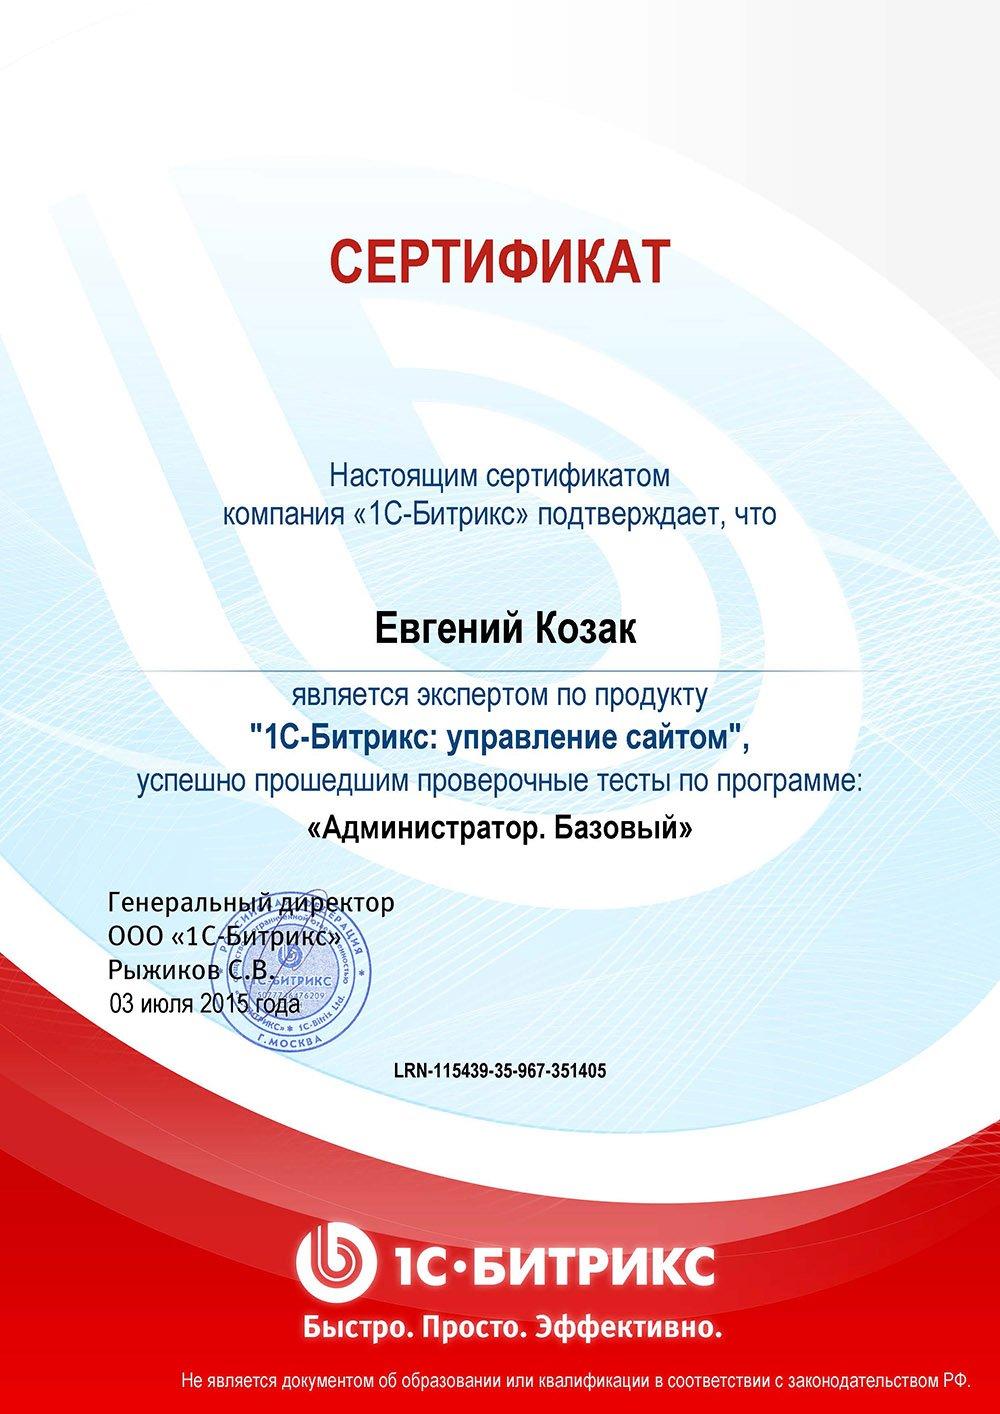 Евгений Козак. Сертифицированный специалист. «Администратор. Базовый» 1С-Битрикс.